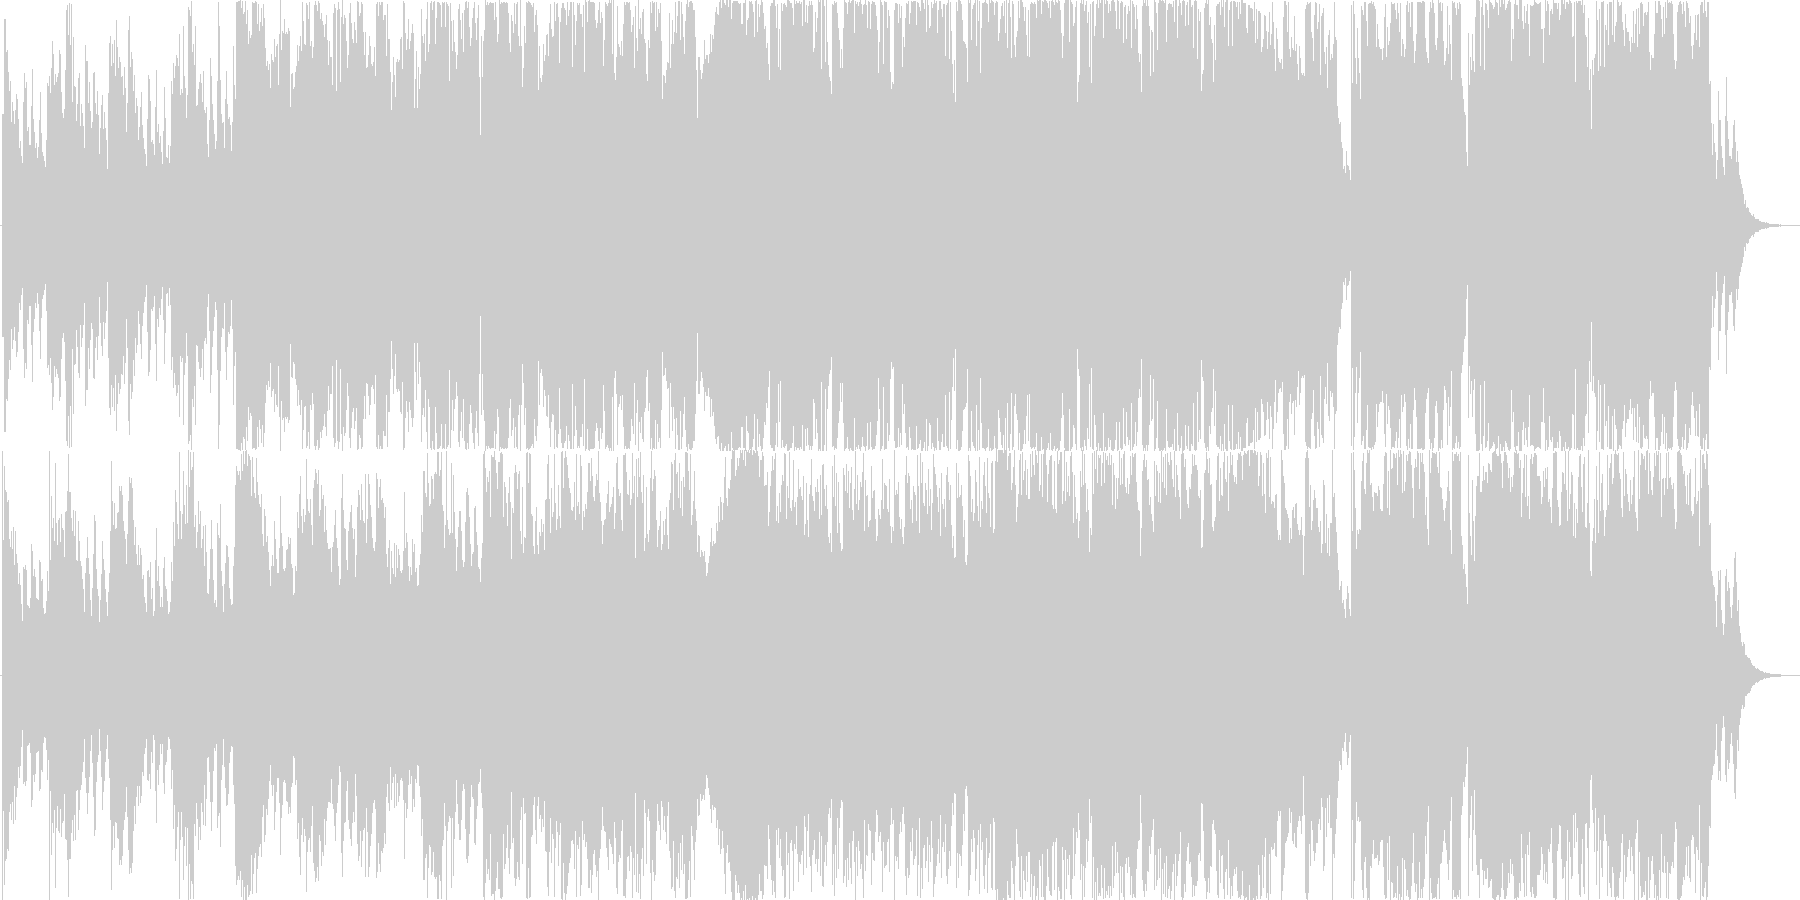 ストリングスと笛のオシャレなインストの未再生の波形